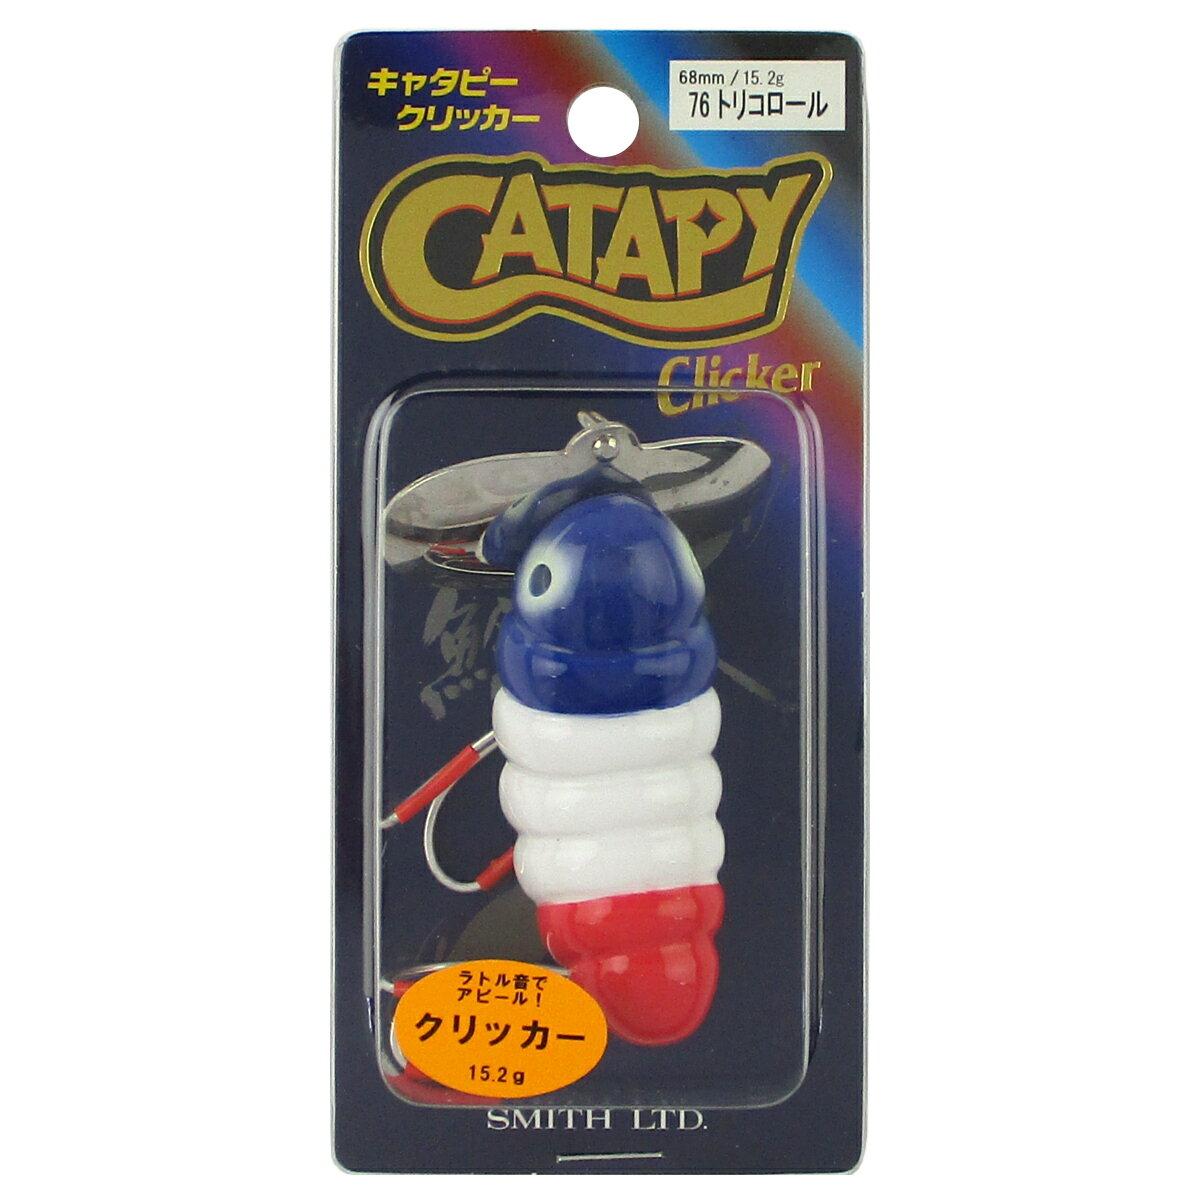 スミス キャタピー クリッカー 76 トリコロール(東日本店)